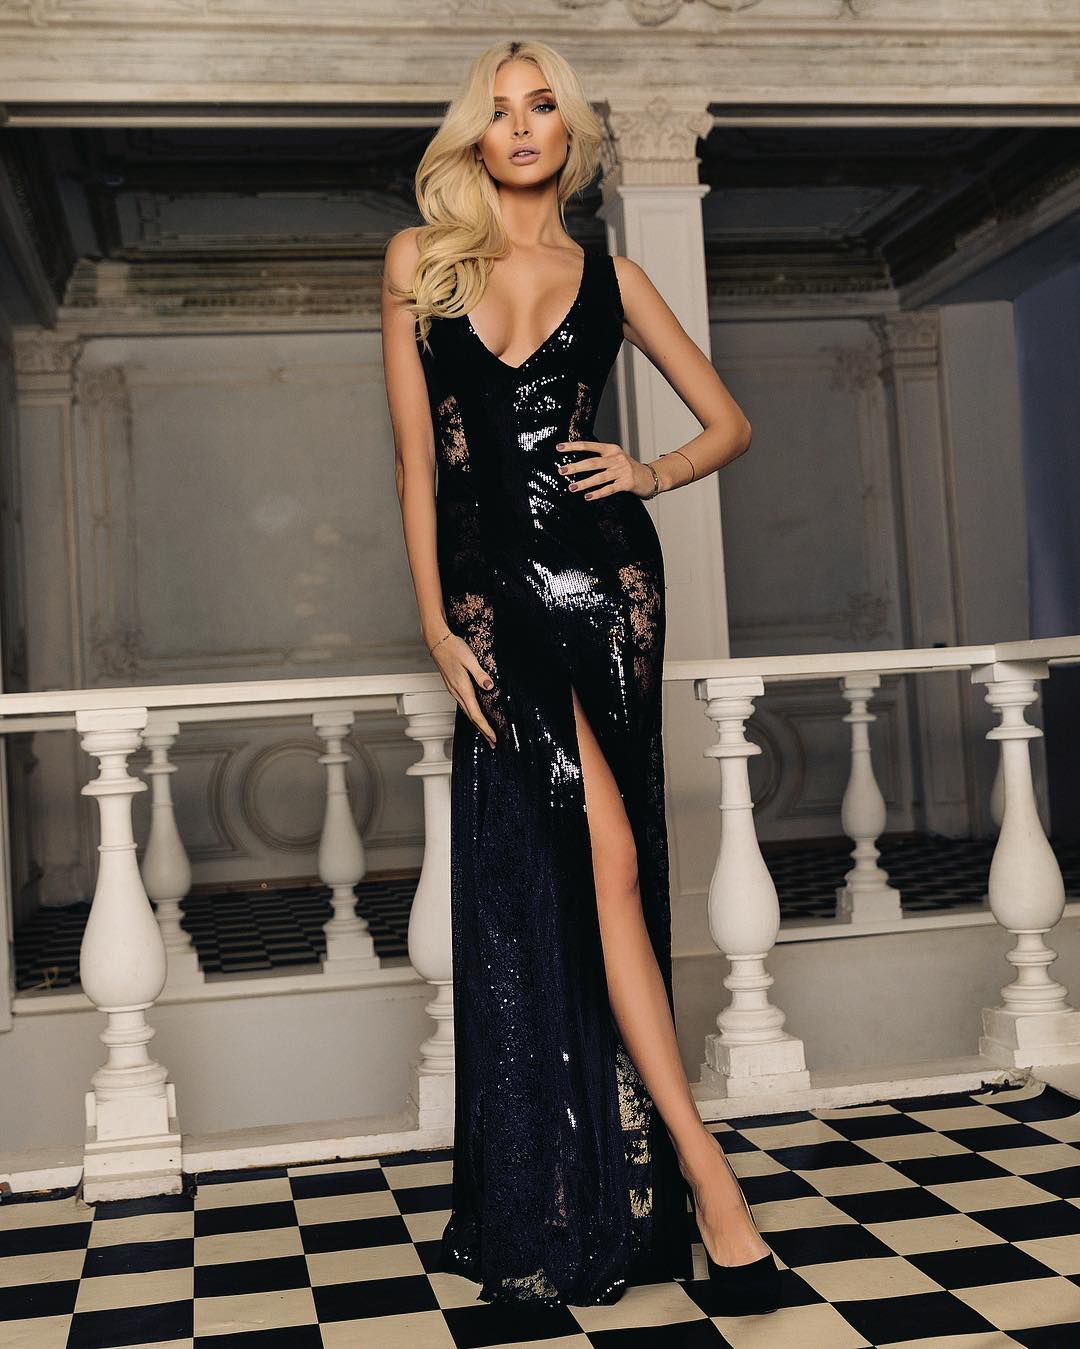 фото худеньких девушек в вечерних платьях